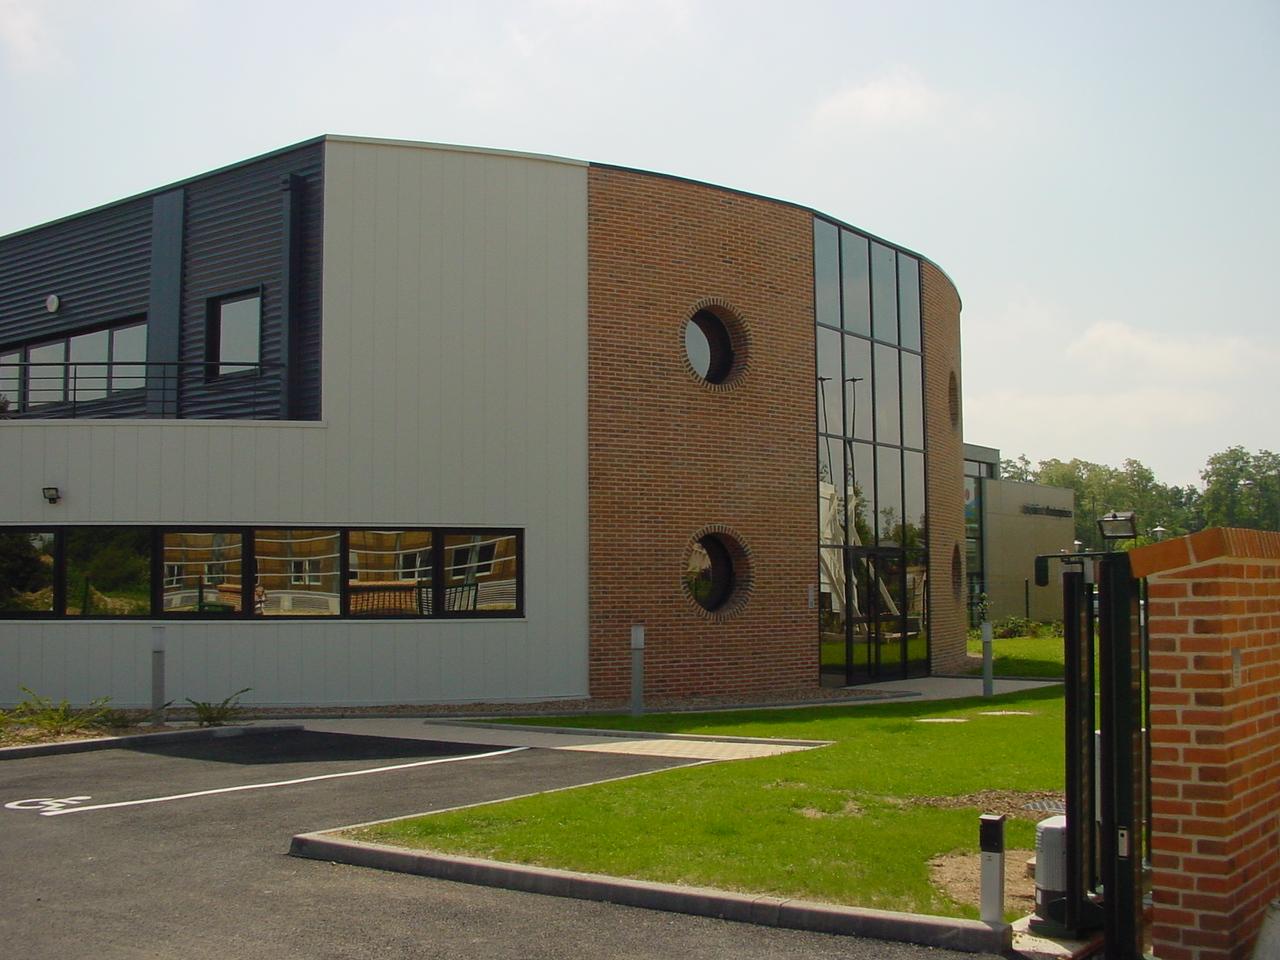 Fr d rick le maire architecture orl ans loiret ordre for Extension maison orleans